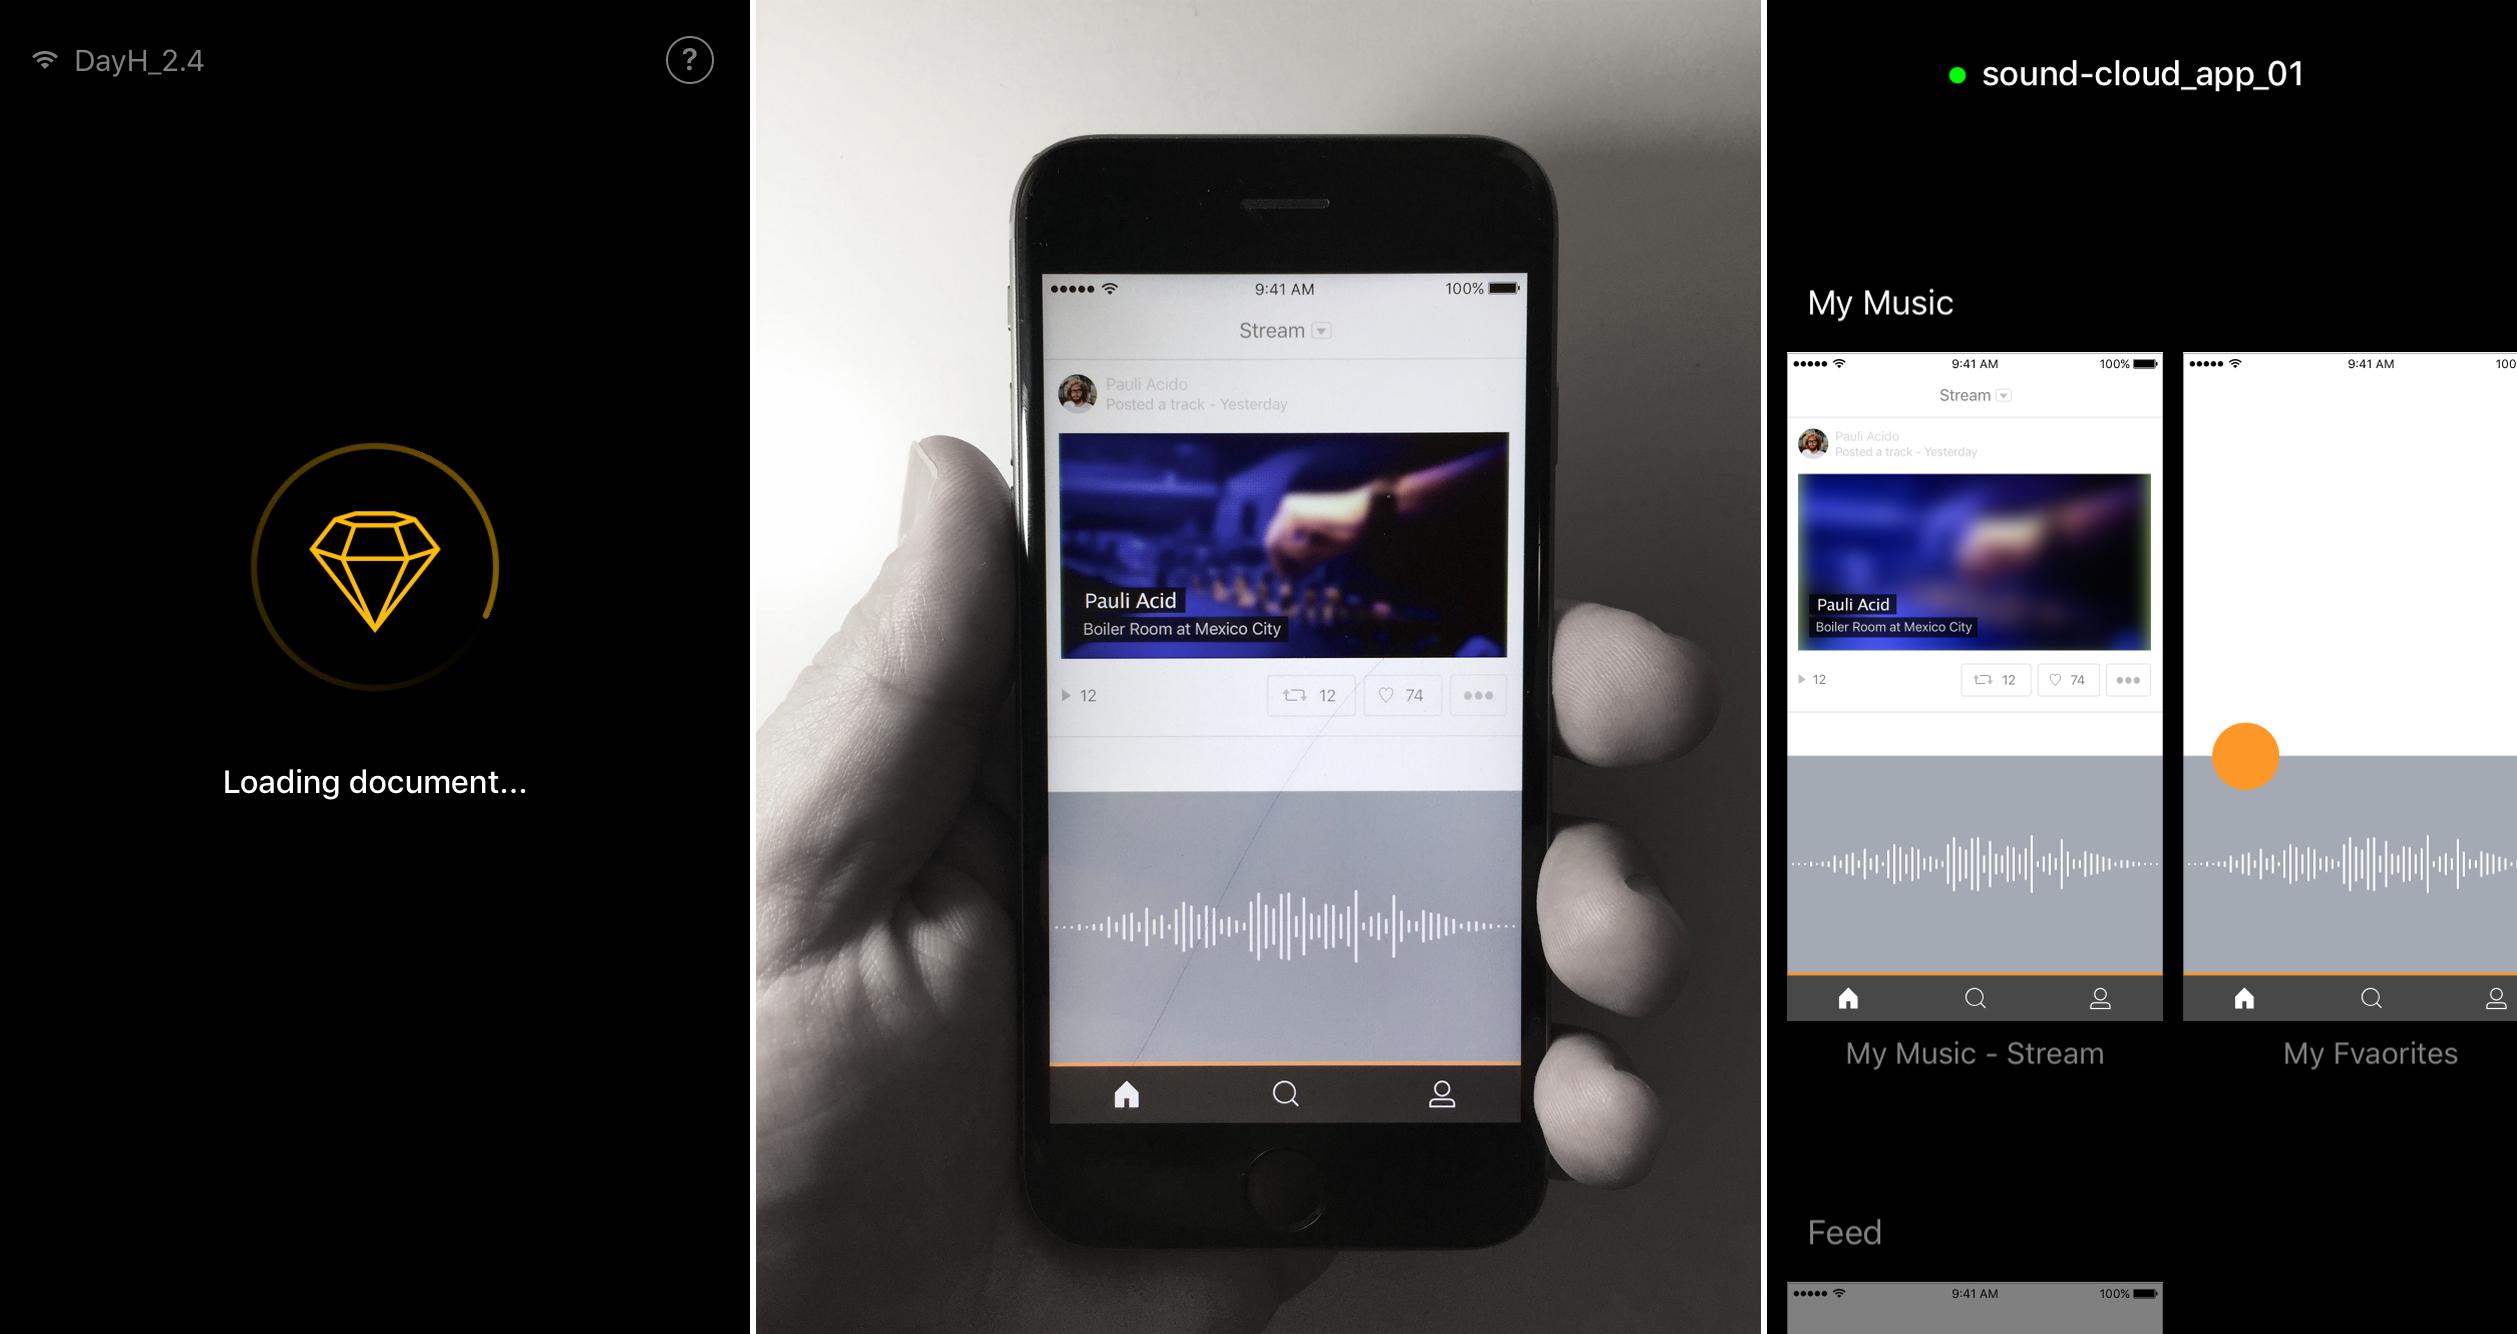 בצד שמאל, מסך טעינת של האפלקציה באייפון, באמצע האפליקציה כבר מציגה לנו את העיצוב שלנו ואיך בדיוק זה נראה על המסך האמיתי, אין כמו הדבר האמיתי (טוב במקרה הזה, הדבר הכי קרוב לאמיתי). בצד ימין מראה תצוגה של שאר המסכים של הפרויקט.